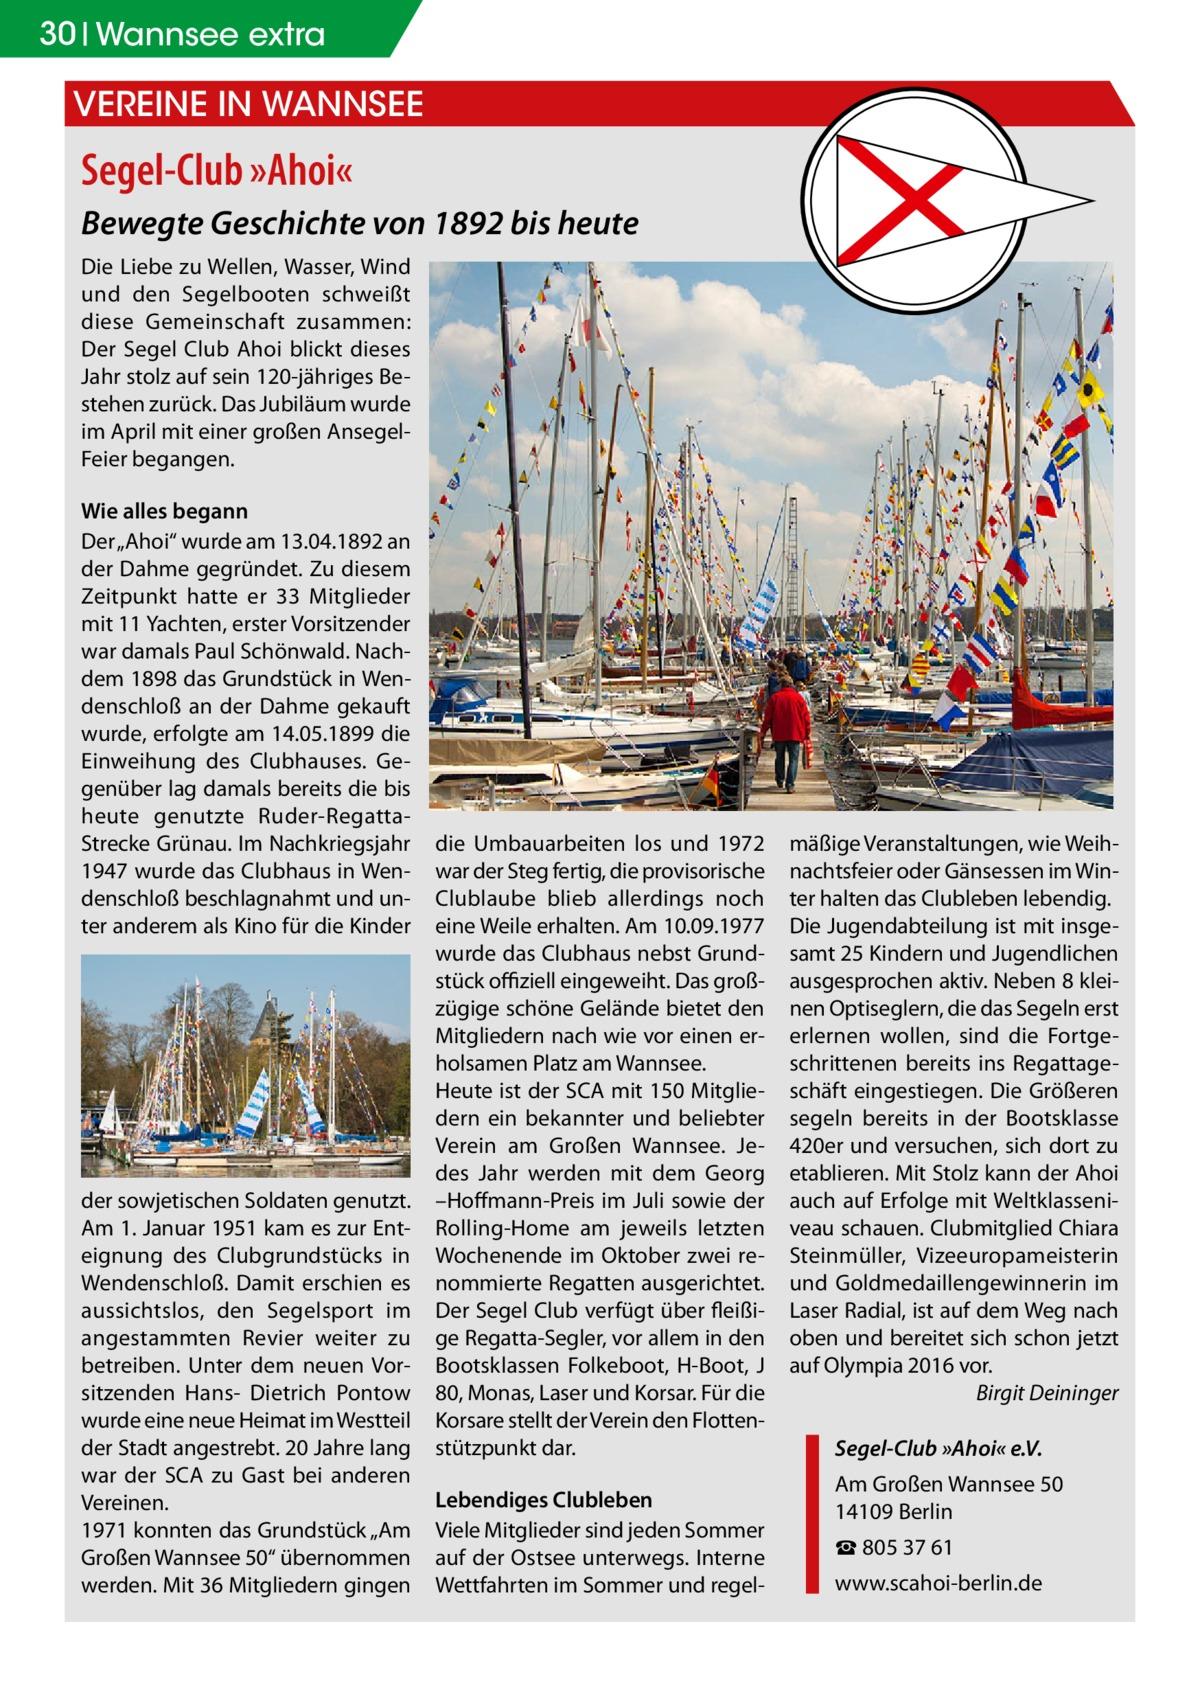 """30 Wannsee extra  Vereine in Wannsee  Segel-Club »Ahoi« Bewegte Geschichte von 1892 bis heute Die Liebe zu Wellen, Wasser, Wind und den Segelbooten schweißt diese Gemeinschaft zusammen: Der Segel Club Ahoi blickt dieses Jahr stolz auf sein 120-jähriges Bestehen zurück. Das Jubiläum wurde im April mit einer großen AnsegelFeier begangen. Wie alles begann Der """"Ahoi"""" wurde am 13.04.1892 an der Dahme gegründet. Zu diesem Zeitpunkt hatte er 33 Mitglieder mit 11 Yachten, erster Vorsitzender war damals Paul Schönwald. Nachdem 1898 das Grundstück in Wendenschloß an der Dahme gekauft wurde, erfolgte am 14.05.1899 die Einweihung des Clubhauses. Gegenüber lag damals bereits die bis heute genutzte Ruder-RegattaStrecke Grünau. Im Nachkriegsjahr 1947 wurde das Clubhaus in Wendenschloß beschlagnahmt und unter anderem als Kino für die Kinder  der sowjetischen Soldaten genutzt. Am 1. Januar 1951 kam es zur Enteignung des Clubgrundstücks in Wendenschloß. Damit erschien es aussichtslos, den Segelsport im angestammten Revier weiter zu betreiben. Unter dem neuen Vorsitzenden Hans- Dietrich Pontow wurde eine neue Heimat im Westteil der Stadt angestrebt. 20 Jahre lang war der SCA zu Gast bei anderen Vereinen. 1971 konnten das Grundstück """"Am Großen Wannsee 50"""" übernommen werden. Mit 36 Mitgliedern gingen  die Umbauarbeiten los und 1972 war der Steg fertig, die provisorische Clublaube blieb allerdings noch eine Weile erhalten. Am 10.09.1977 wurde das Clubhaus nebst Grundstück offiziell eingeweiht. Das großzügige schöne Gelände bietet den Mitgliedern nach wie vor einen erholsamen Platz am Wannsee. Heute ist der SCA mit 150 Mitgliedern ein bekannter und beliebter Verein am Großen Wannsee. Jedes Jahr werden mit dem Georg –Hoffmann-Preis im Juli sowie der Rolling-Home am jeweils letzten Wochenende im Oktober zwei renommierte Regatten ausgerichtet. Der Segel Club verfügt über fleißige Regatta-Segler, vor allem in den Bootsklassen Folkeboot, H-Boot, J 80, Monas, Laser und Korsar. Für die Korsare s"""